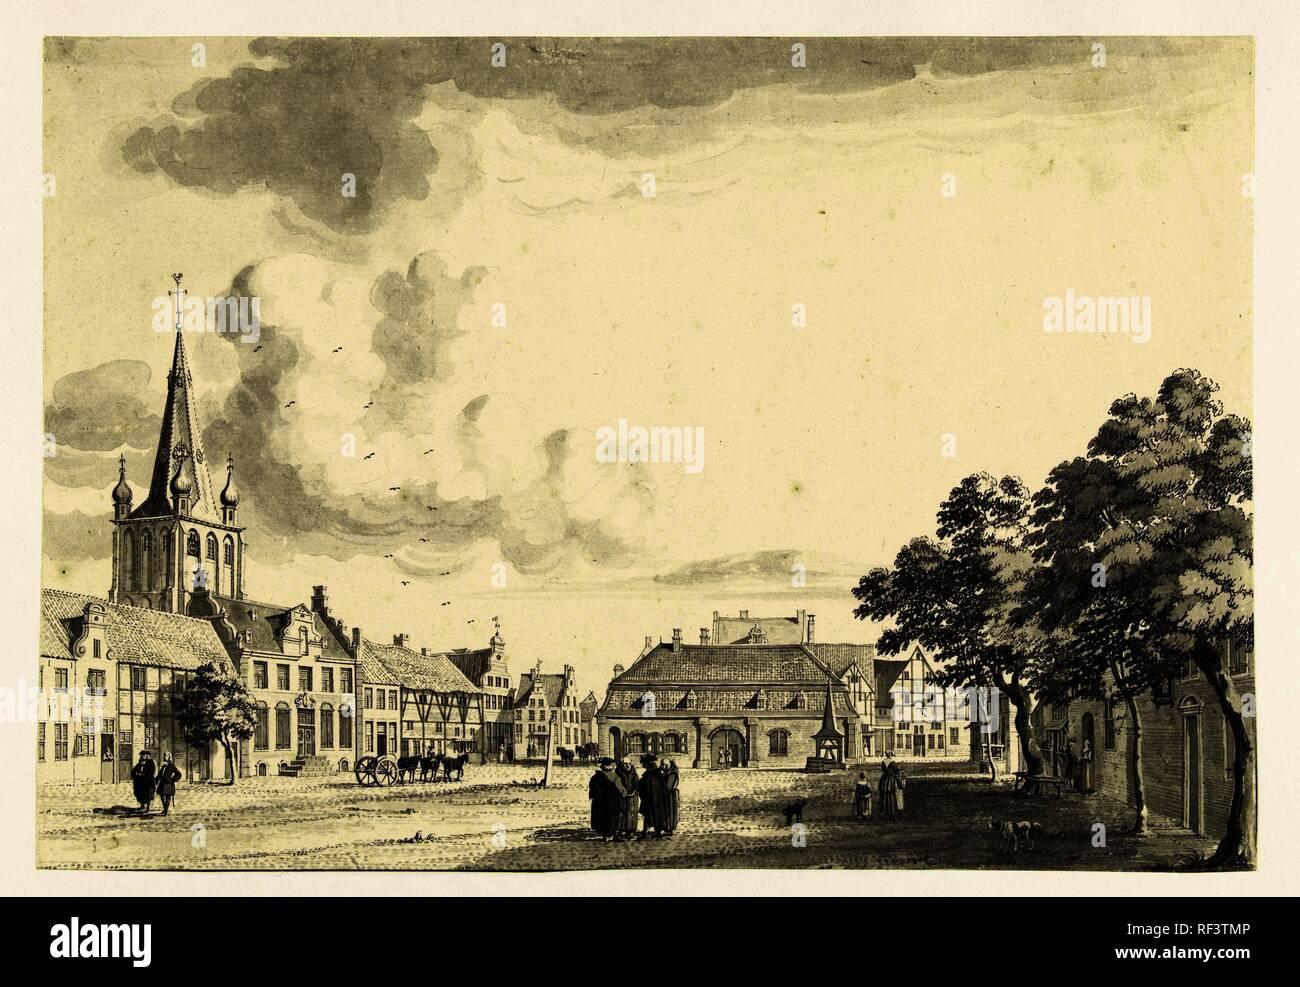 View of Uerdingen market. Draughtsman: Jan de Beijer. Dating: 1739. Measurements: h 205 mm × w 297 mm. Museum: Rijksmuseum, Amsterdam. - Stock Image